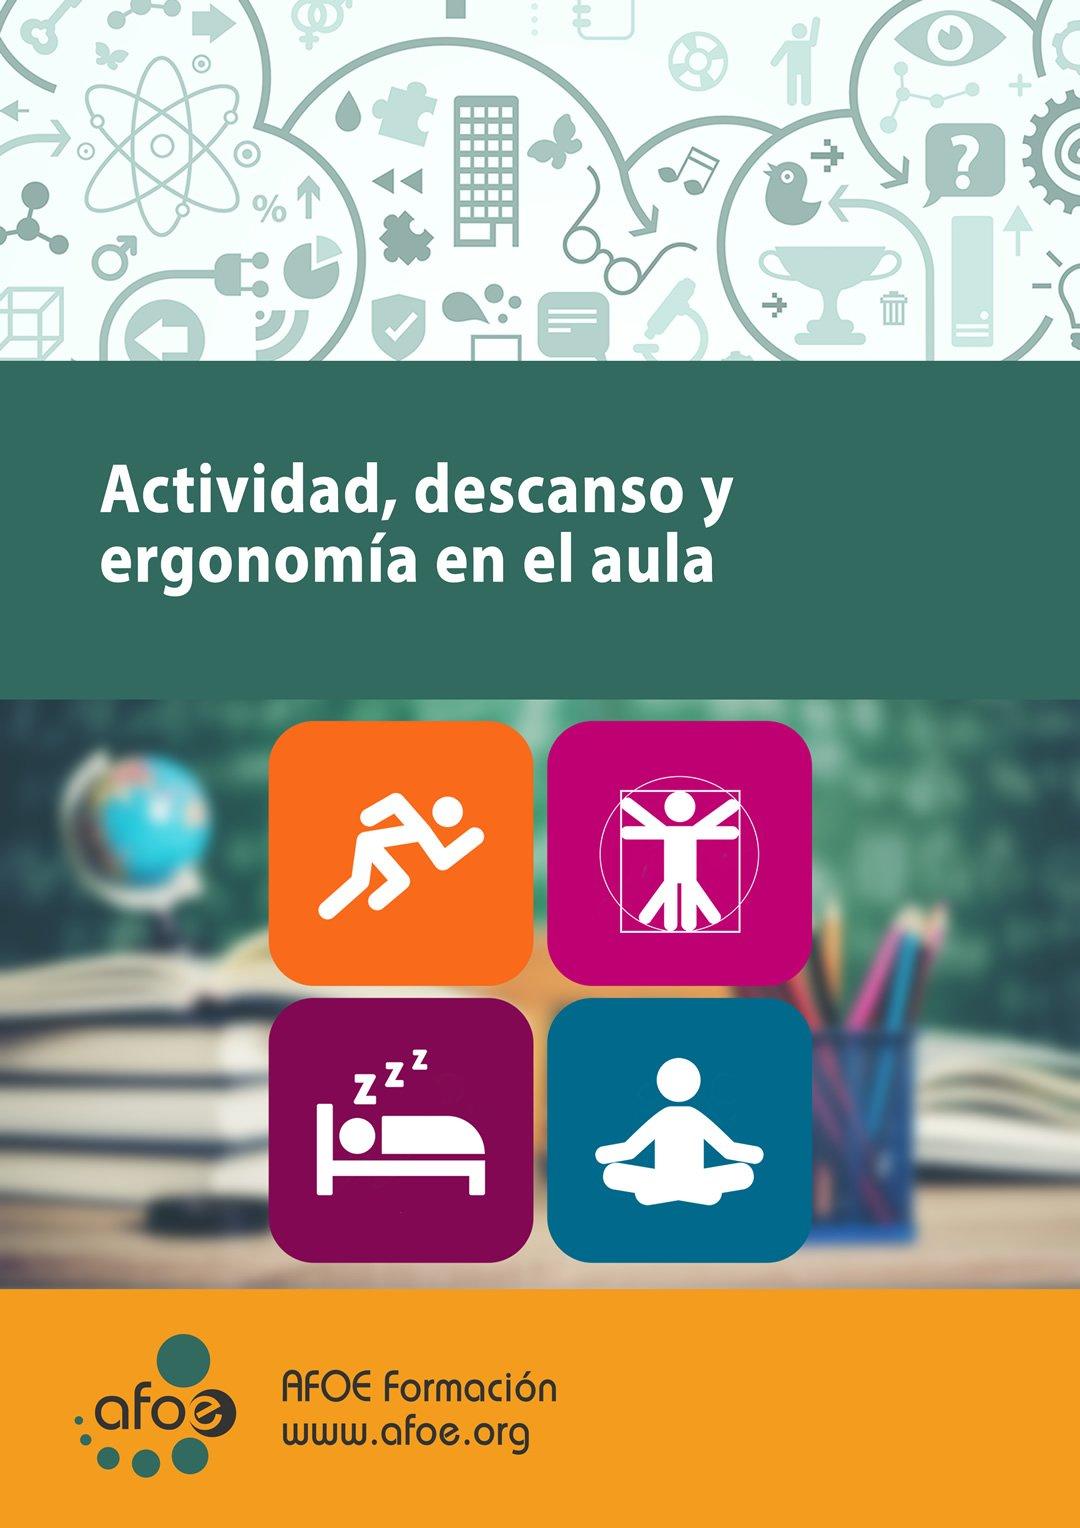 Actividad,-descanso-y-ergonomia-en-el-aula